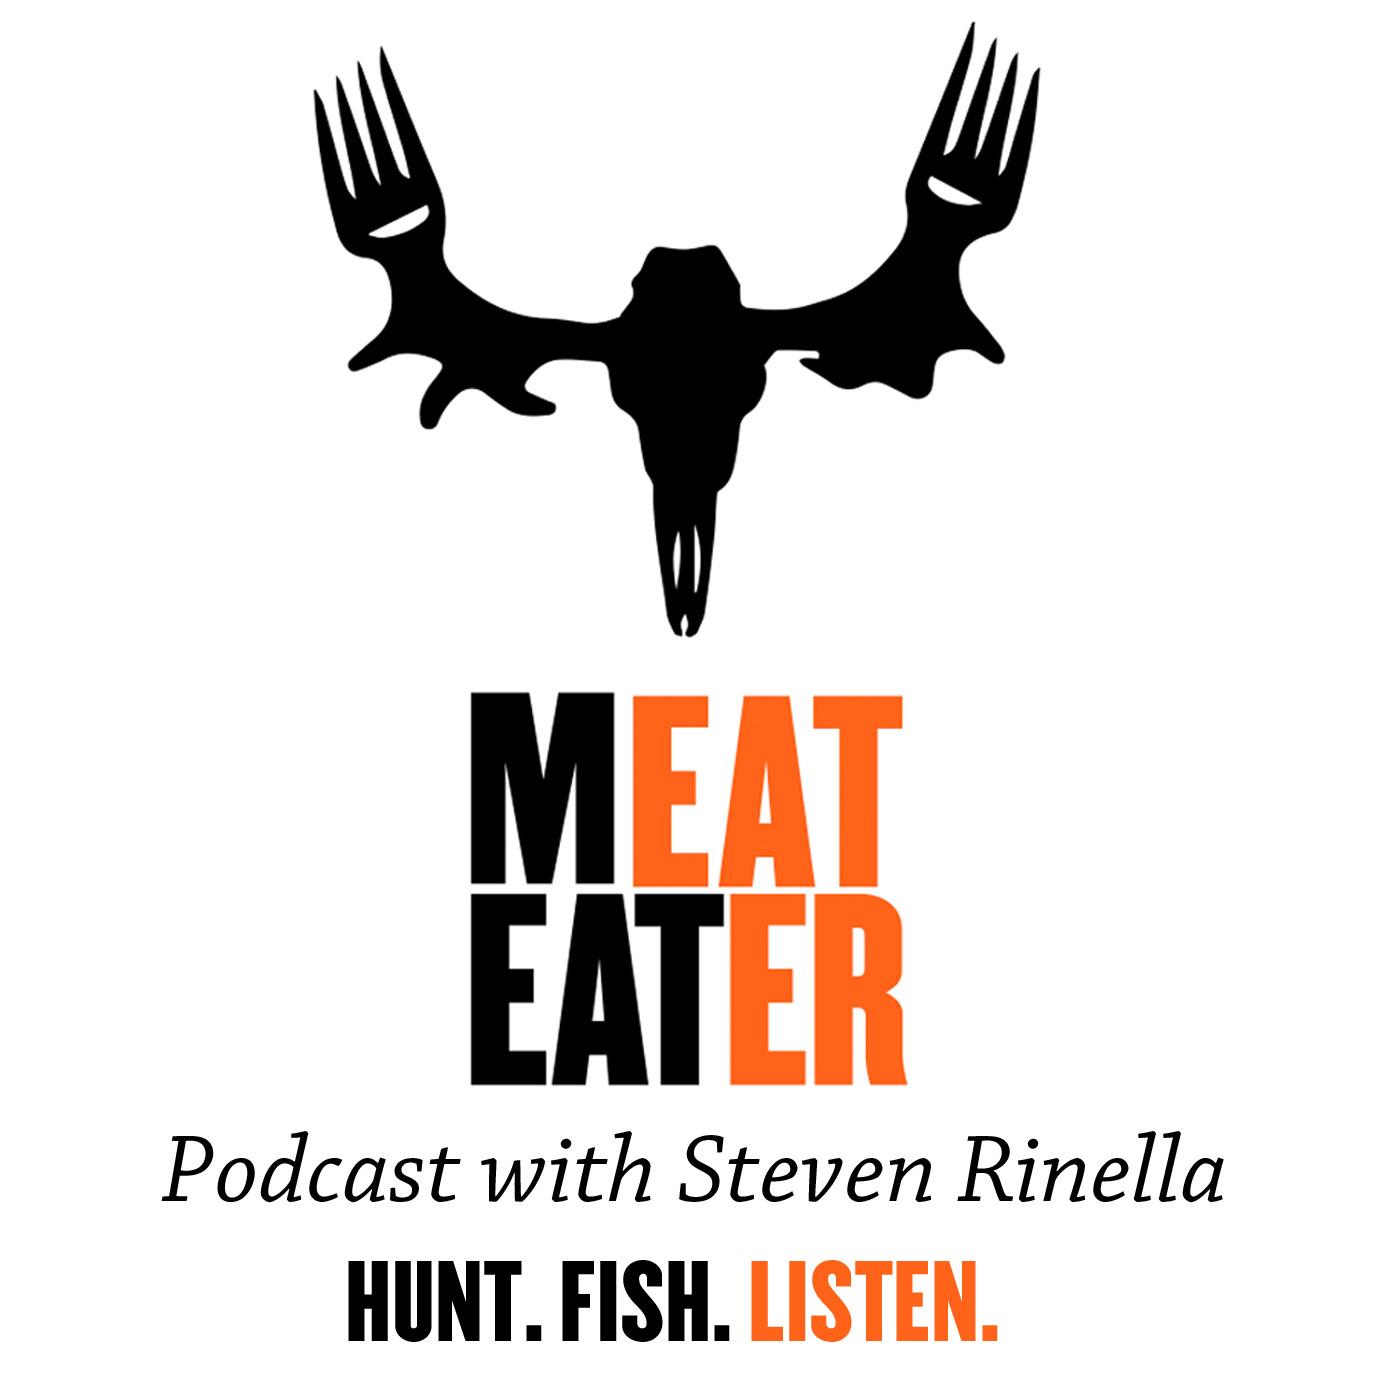 PodcastArt.jpg